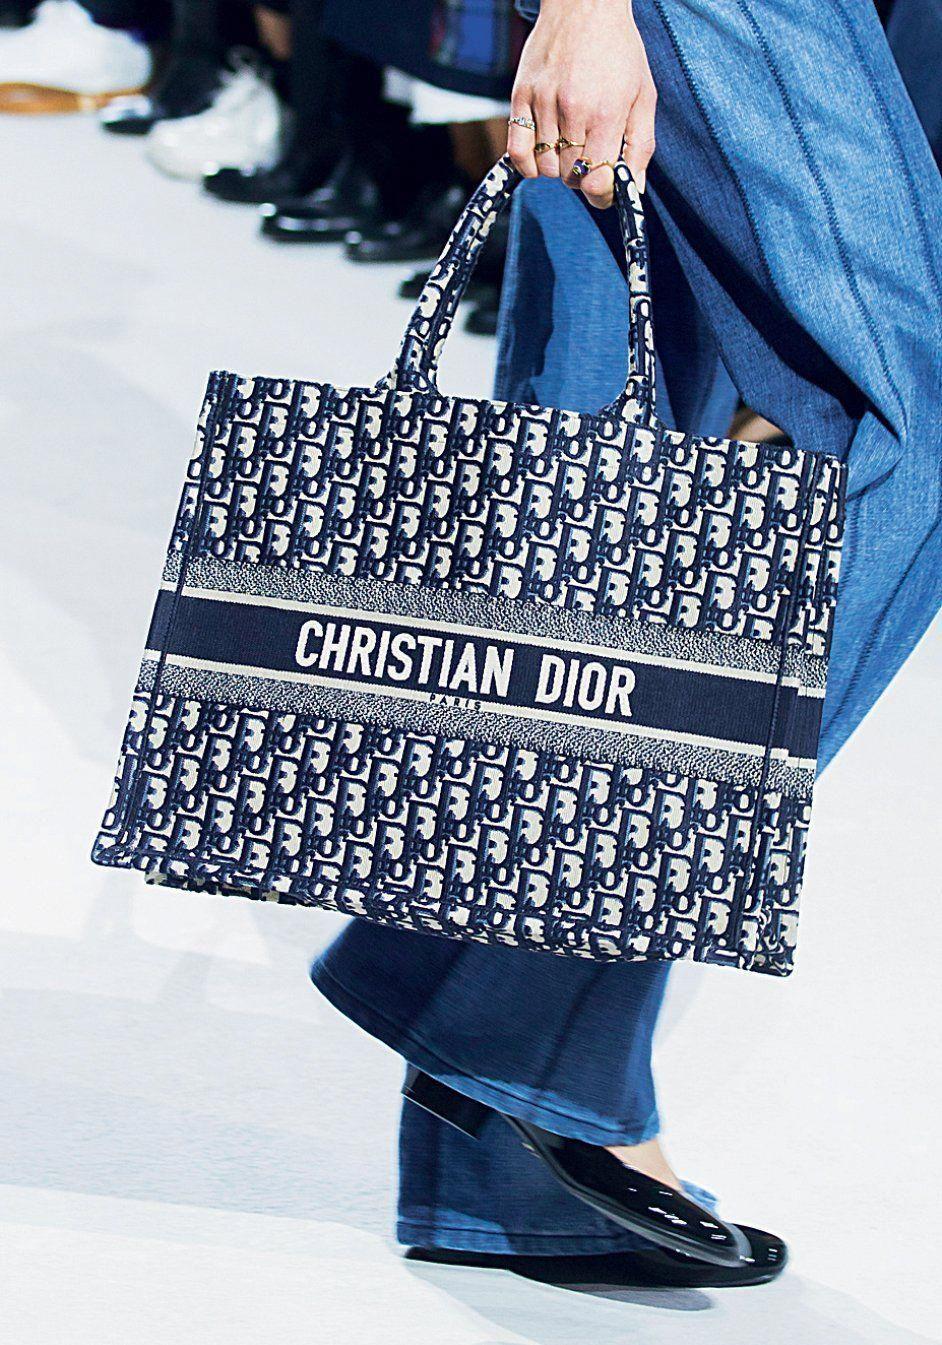 43d5e05e94c2 Le cabas Dior  designerhandbags Christian Dior Dress